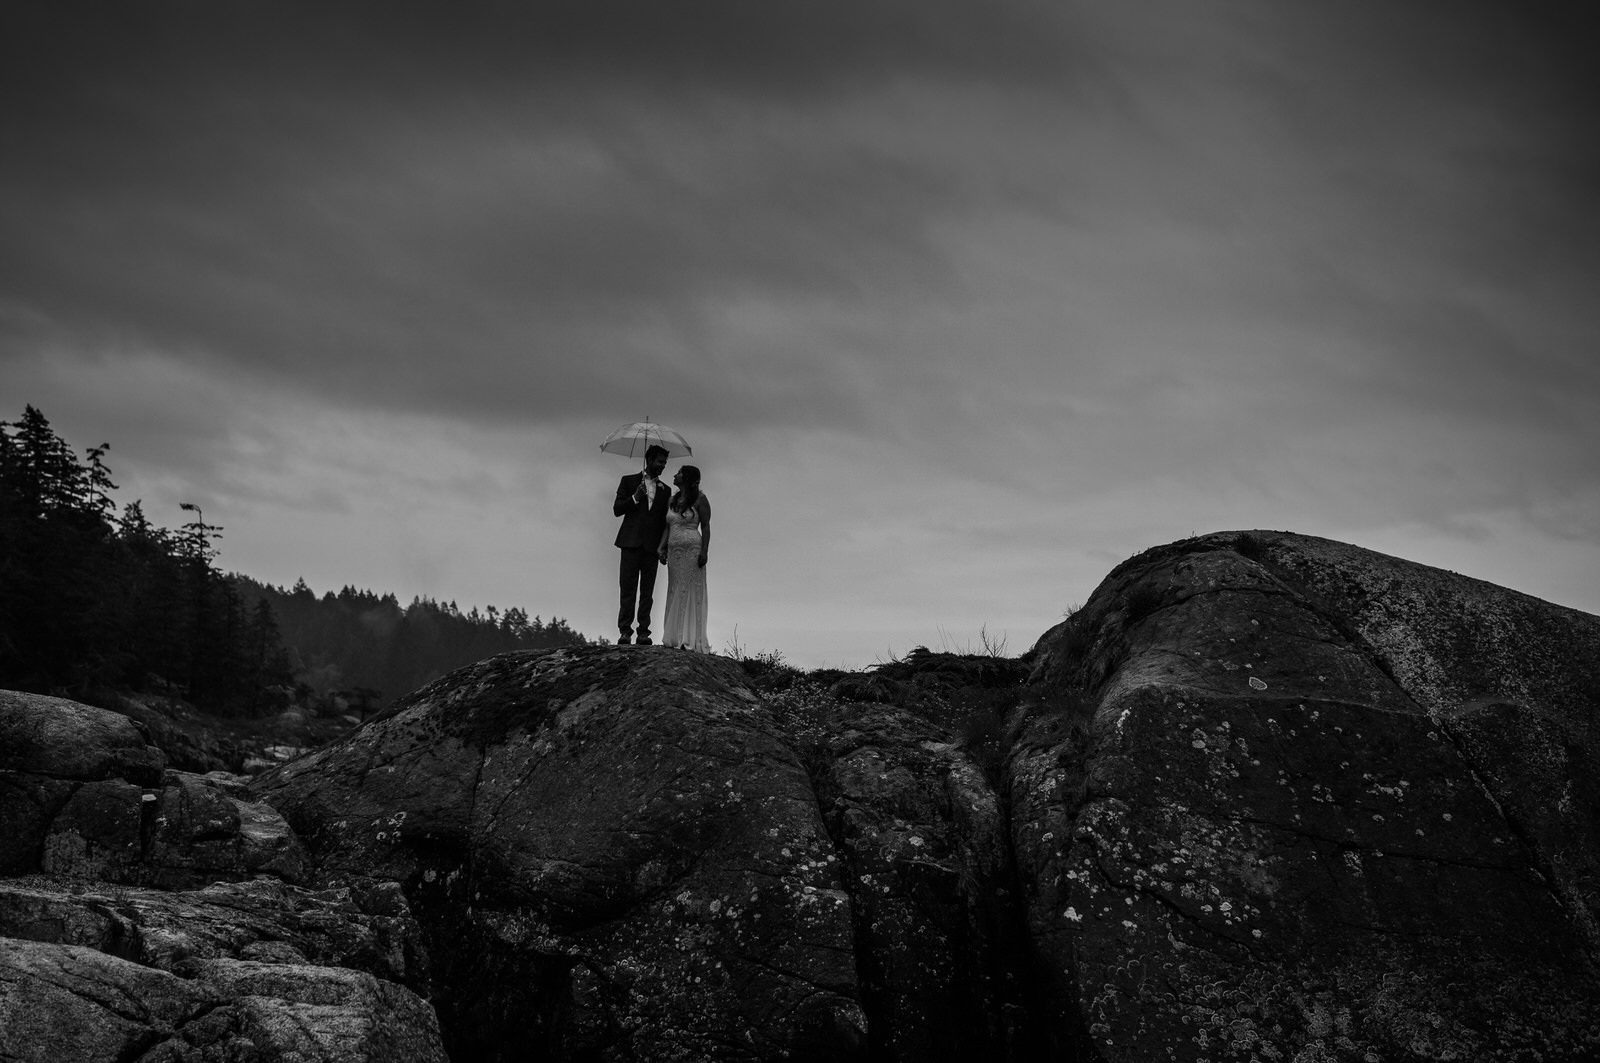 Pointhouse Wedding - Sunshine Coast BC Wedding Photographer, Jennifer Picard Photography - Vancouver Wedding Photographer